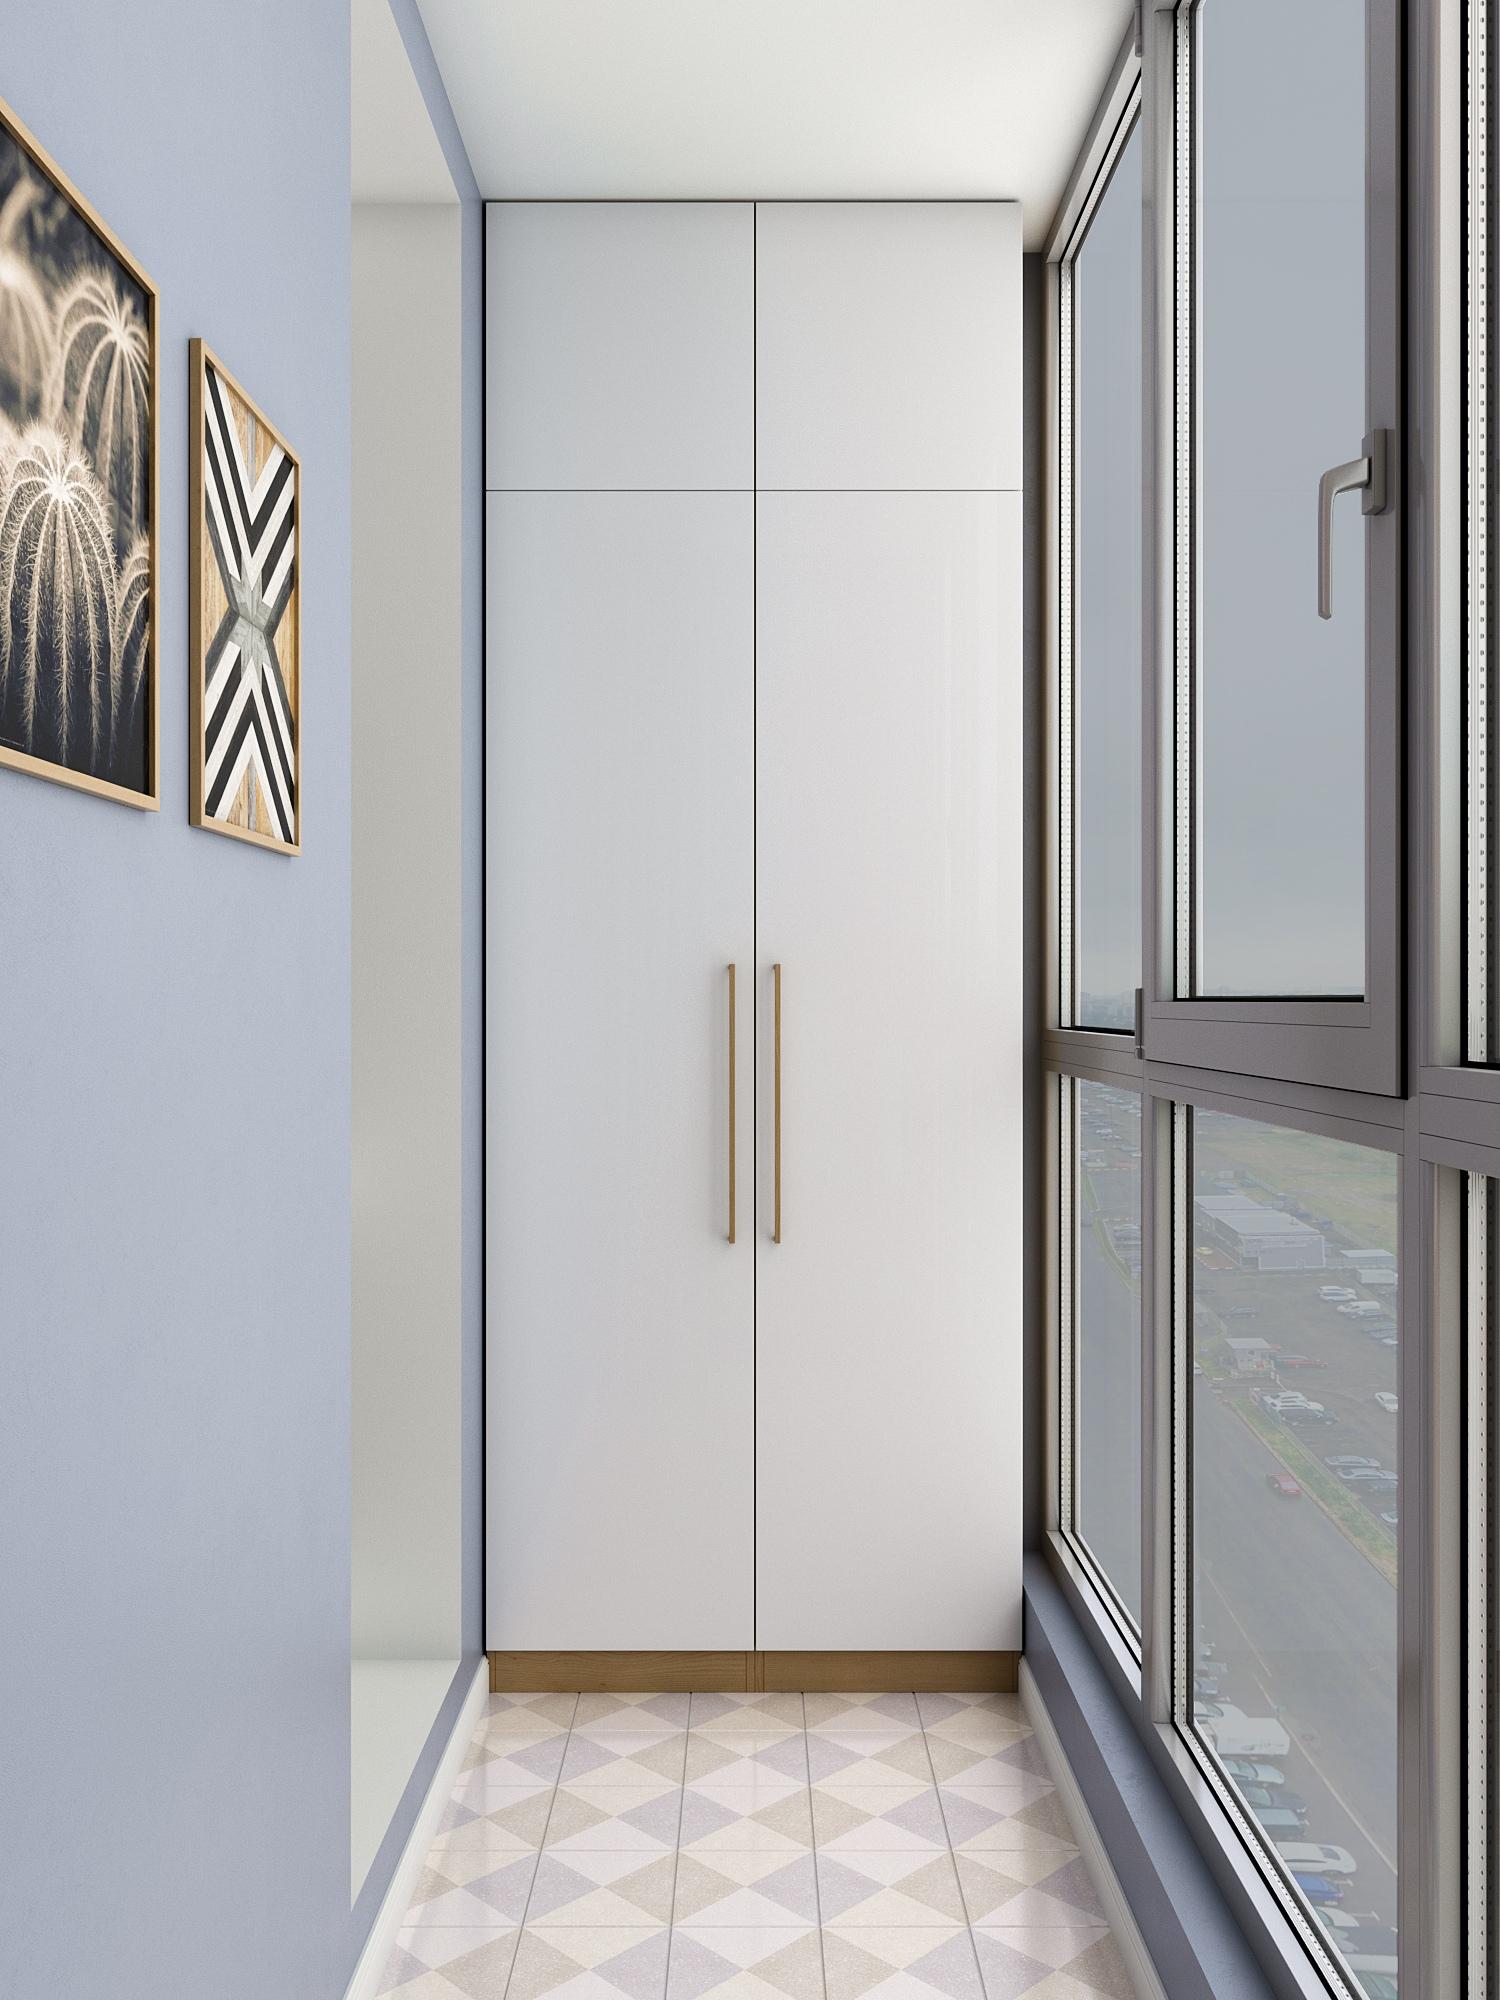 Проект квартиры-студии 33 м2 для девушки от CubiqStudio.